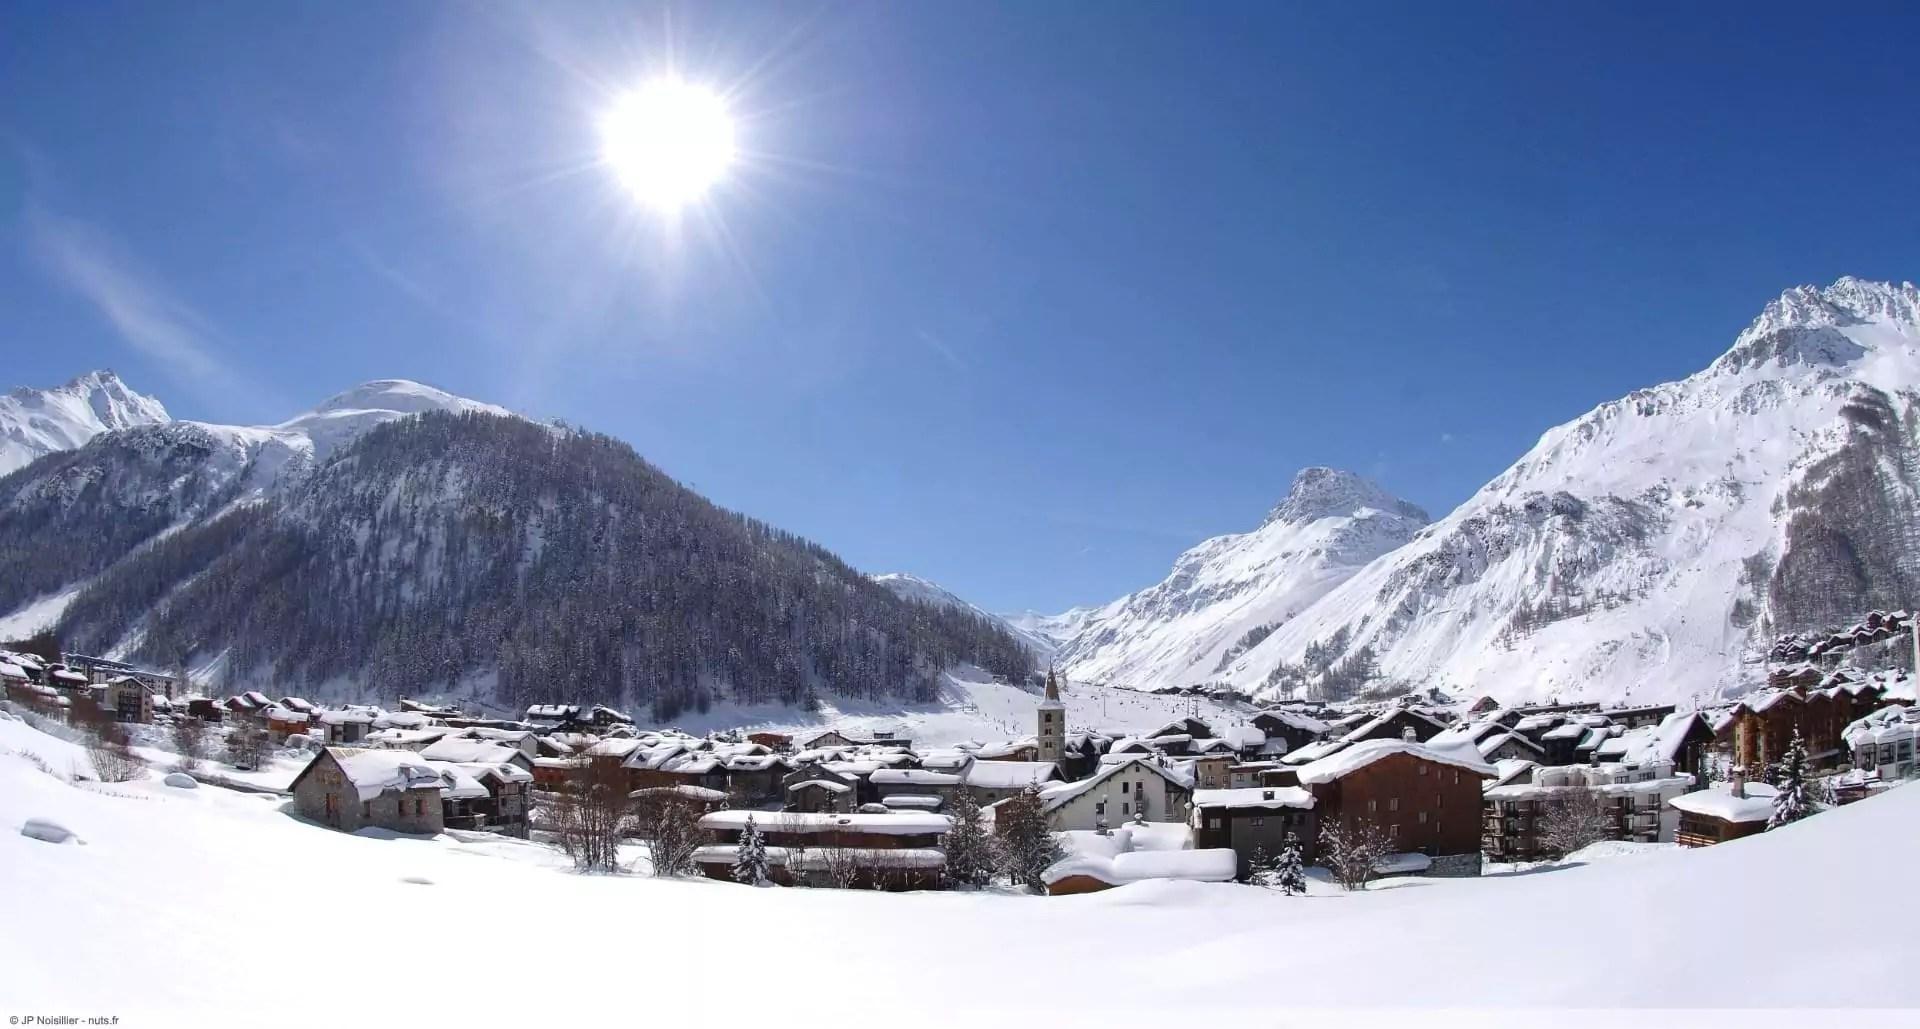 wintersport en aanbiedingen in Val d'Isère